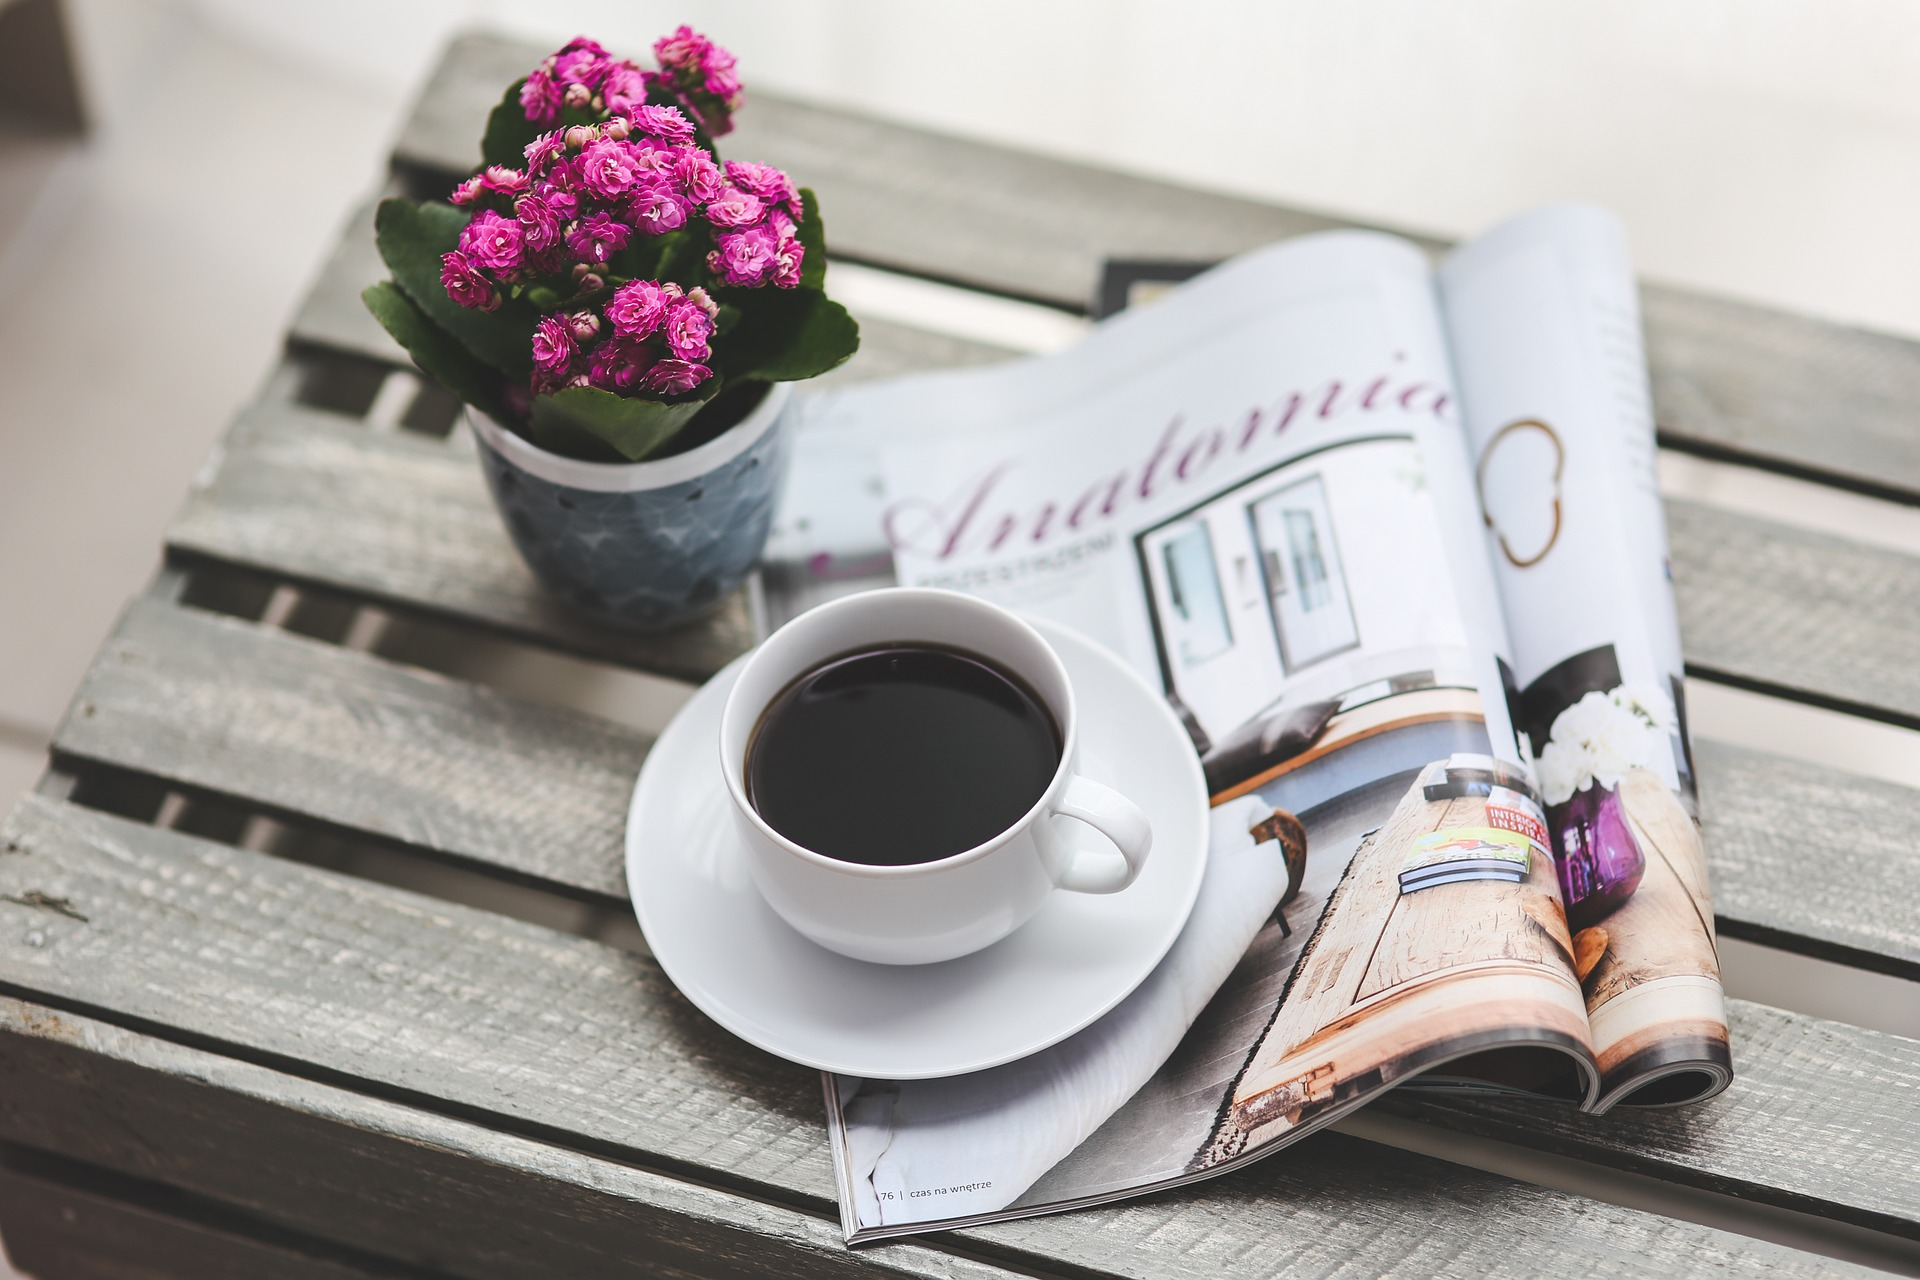 Horeca: in crescita il mercato online del caffè